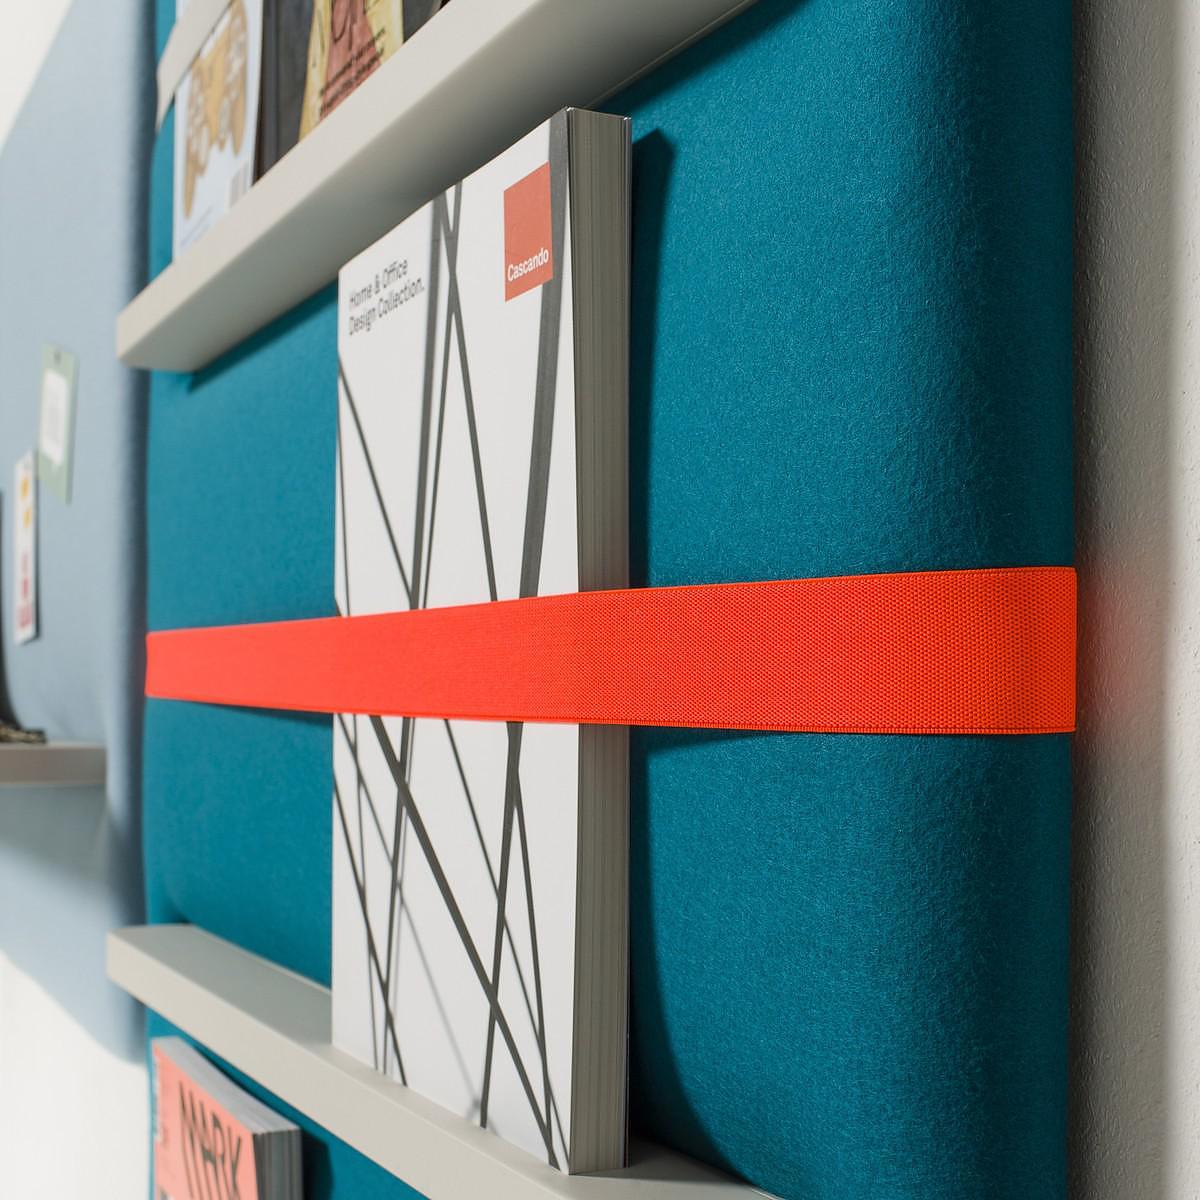 Cascando Pillow Acoustic Furniture by Robert Bronwasser.